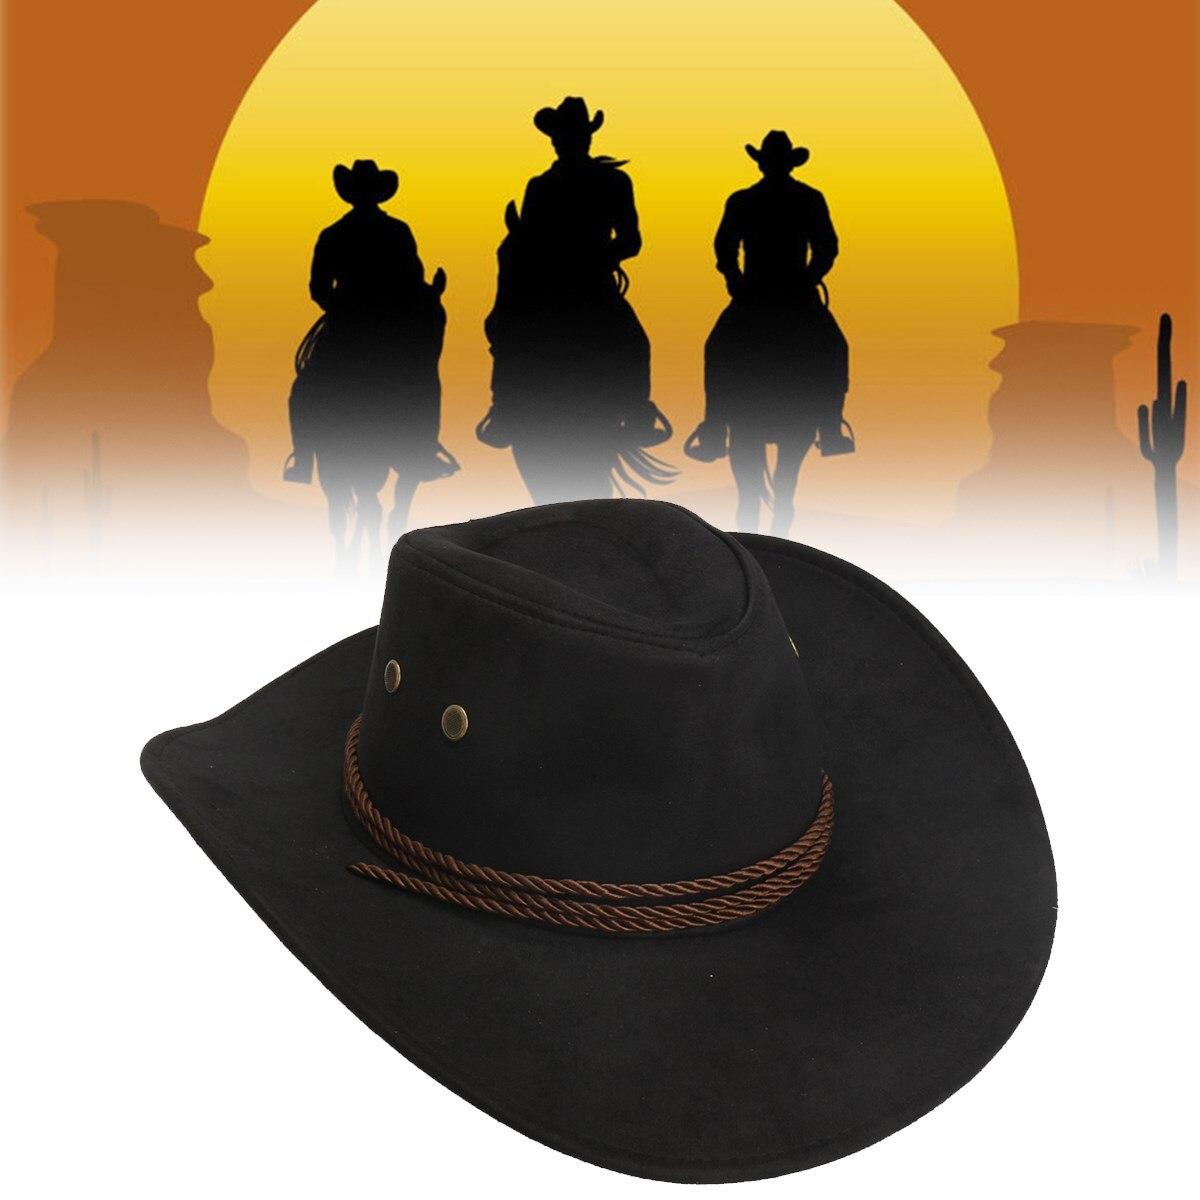 Frauen Männer Western Cowboy Hut Unisex Reit Cap Zubehör Mode Breiter Krempe Jazz Kappe Faux Leder Einstellbare Sun Hut Unisex kappen